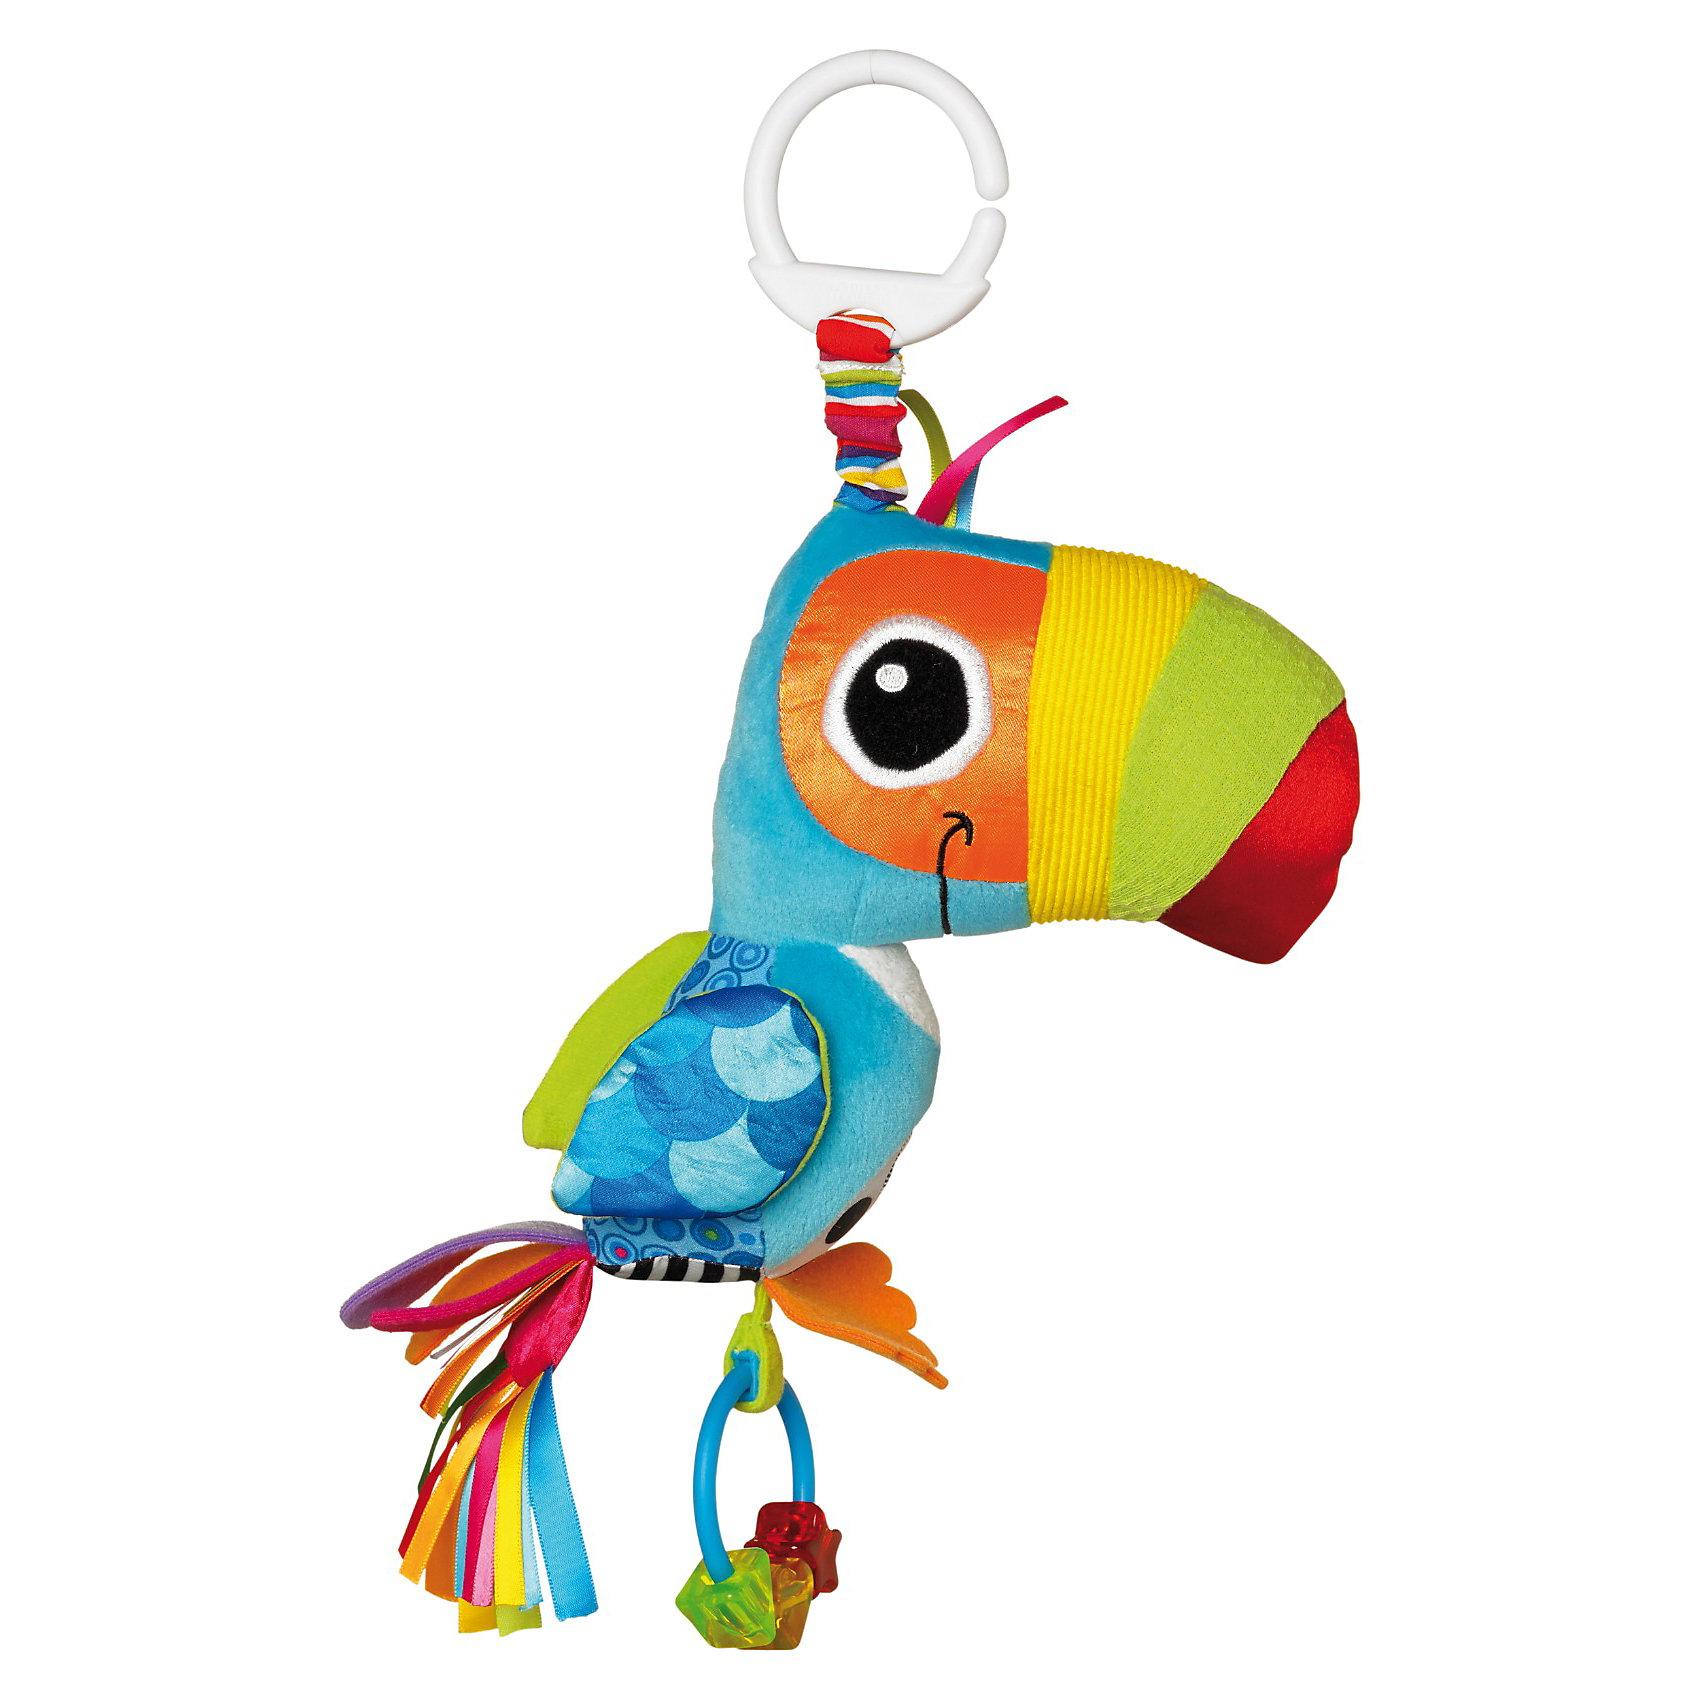 Игрушка Веселый Тукан, LamazeИгрушка Веселый Тукан, Lamaze - замечательная красочная игрушка, которая обязательно привлечет внимание Вашего малыша. Игрушка выполнена в виде симпатичной нарядной птички с хвостом из ярких атласных лент, легко крепится к детской кроватке, коляске или автокреслу. У игрушки множество разноцветных деталей из мягких материалов различной фактуры, что способствует развитию тактильного и цветового восприятия, тренирует мелкую моторику ребенка. При нажатии на клюв птичка пищит, в лапках она держит кольцо-прорезыватель с разноцветными фигурками. При прикосновении игровые элементы издают разнообразные шуршащие звуки. <br><br>Дополнительная информация:<br><br>- Материал: текстиль.<br>- Размер упаковки: 7,62 х 22,9 х 28,3 см.<br>- Вес: 0,11 кг.<br><br>Игрушку Веселый Тукан, Lamaze, можно купить в нашем интернет-магазине.<br><br>Ширина мм: 260<br>Глубина мм: 147<br>Высота мм: 83<br>Вес г: 108<br>Возраст от месяцев: 0<br>Возраст до месяцев: 18<br>Пол: Унисекс<br>Возраст: Детский<br>SKU: 3487477